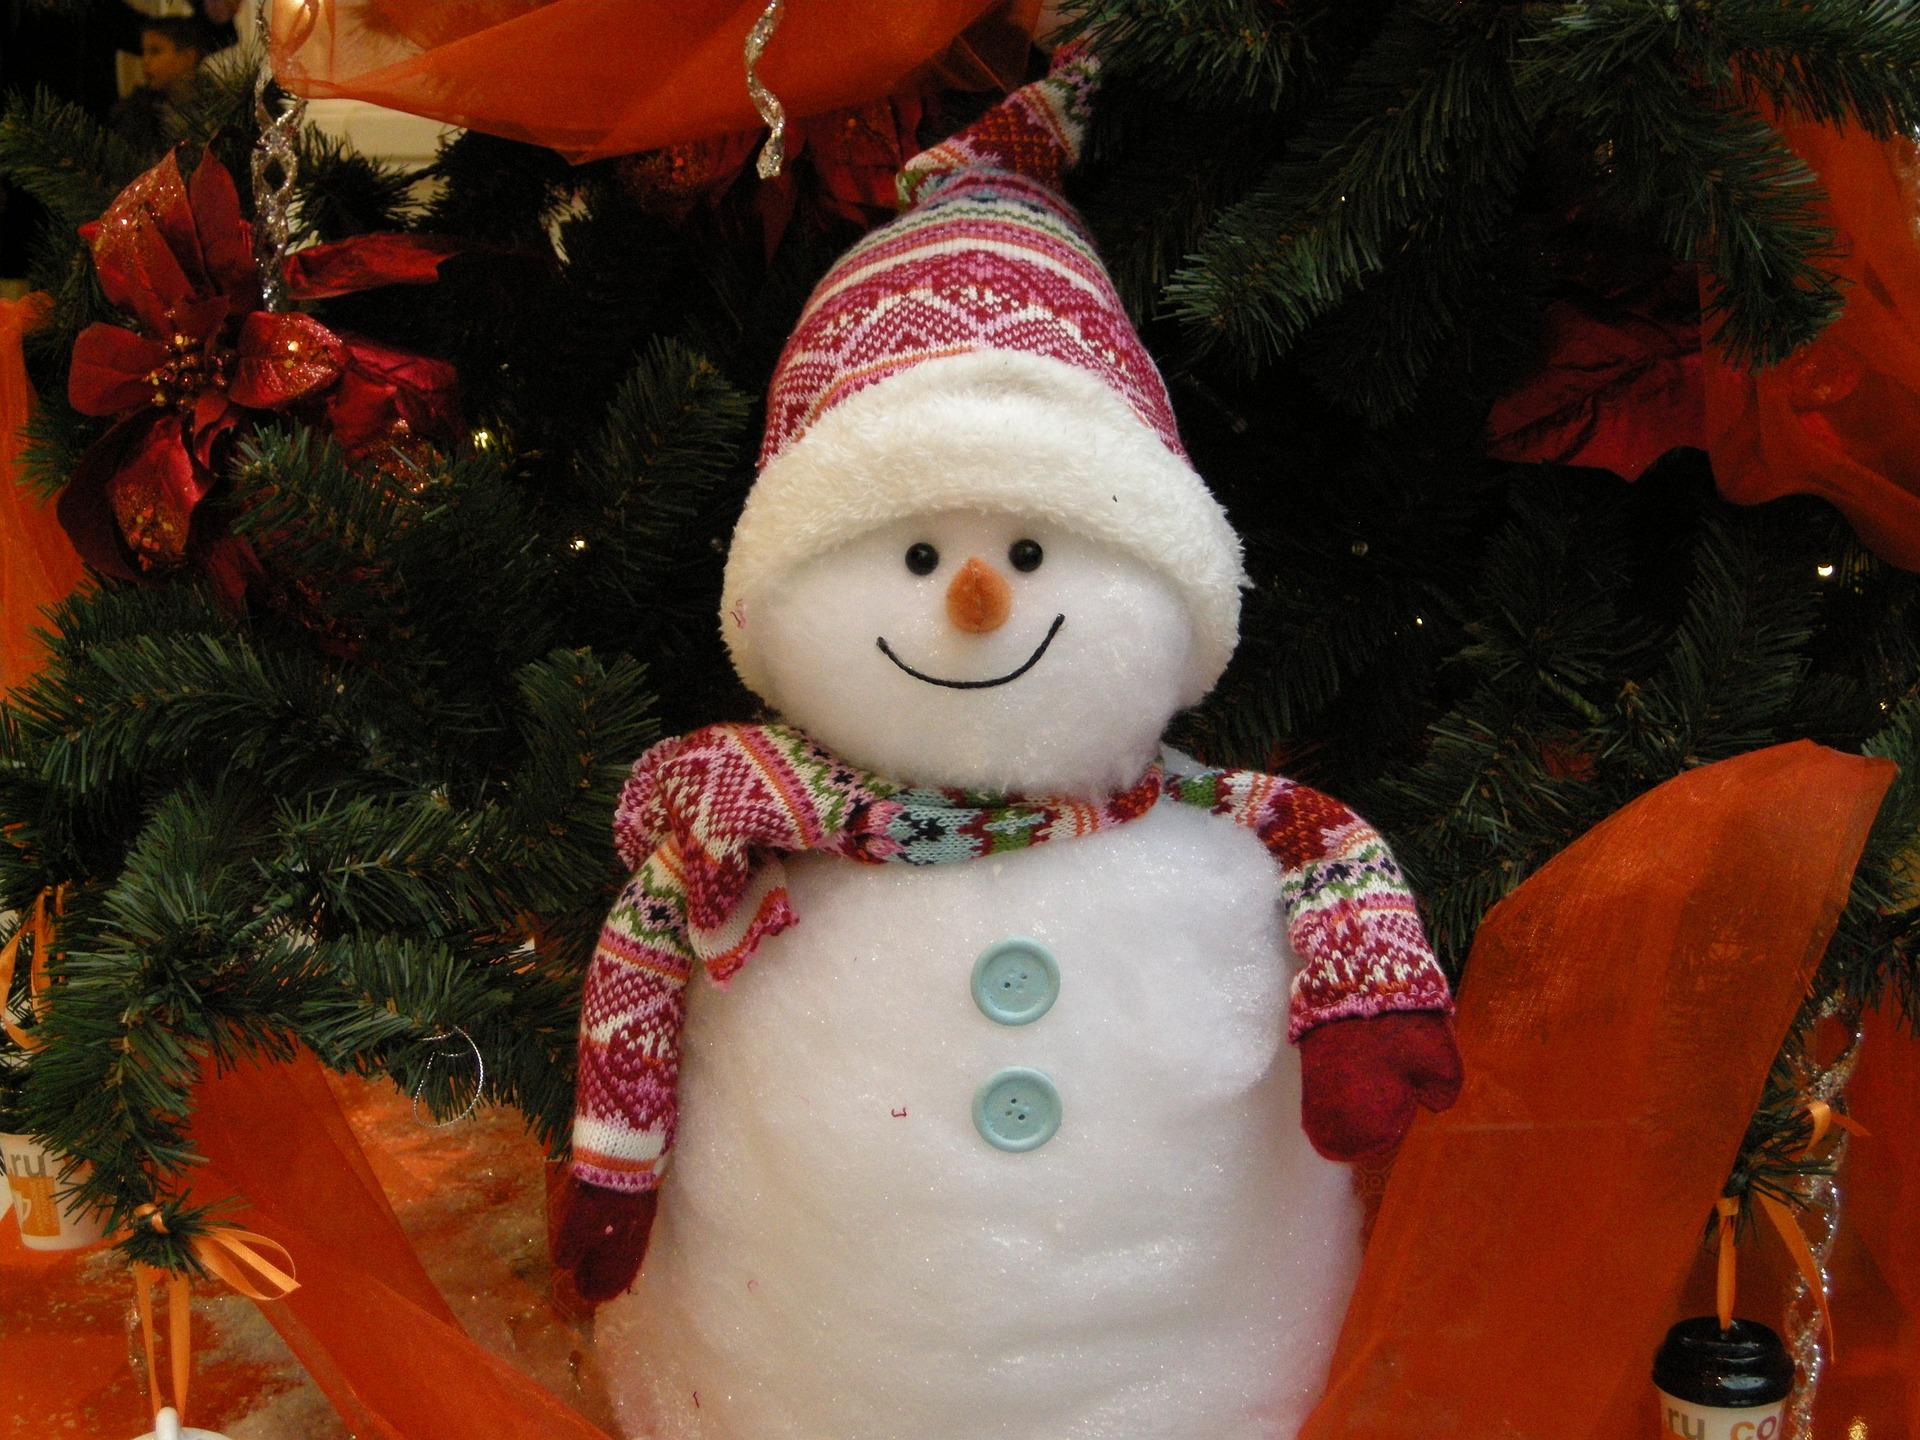 la relaxation du bonhomme de neiges